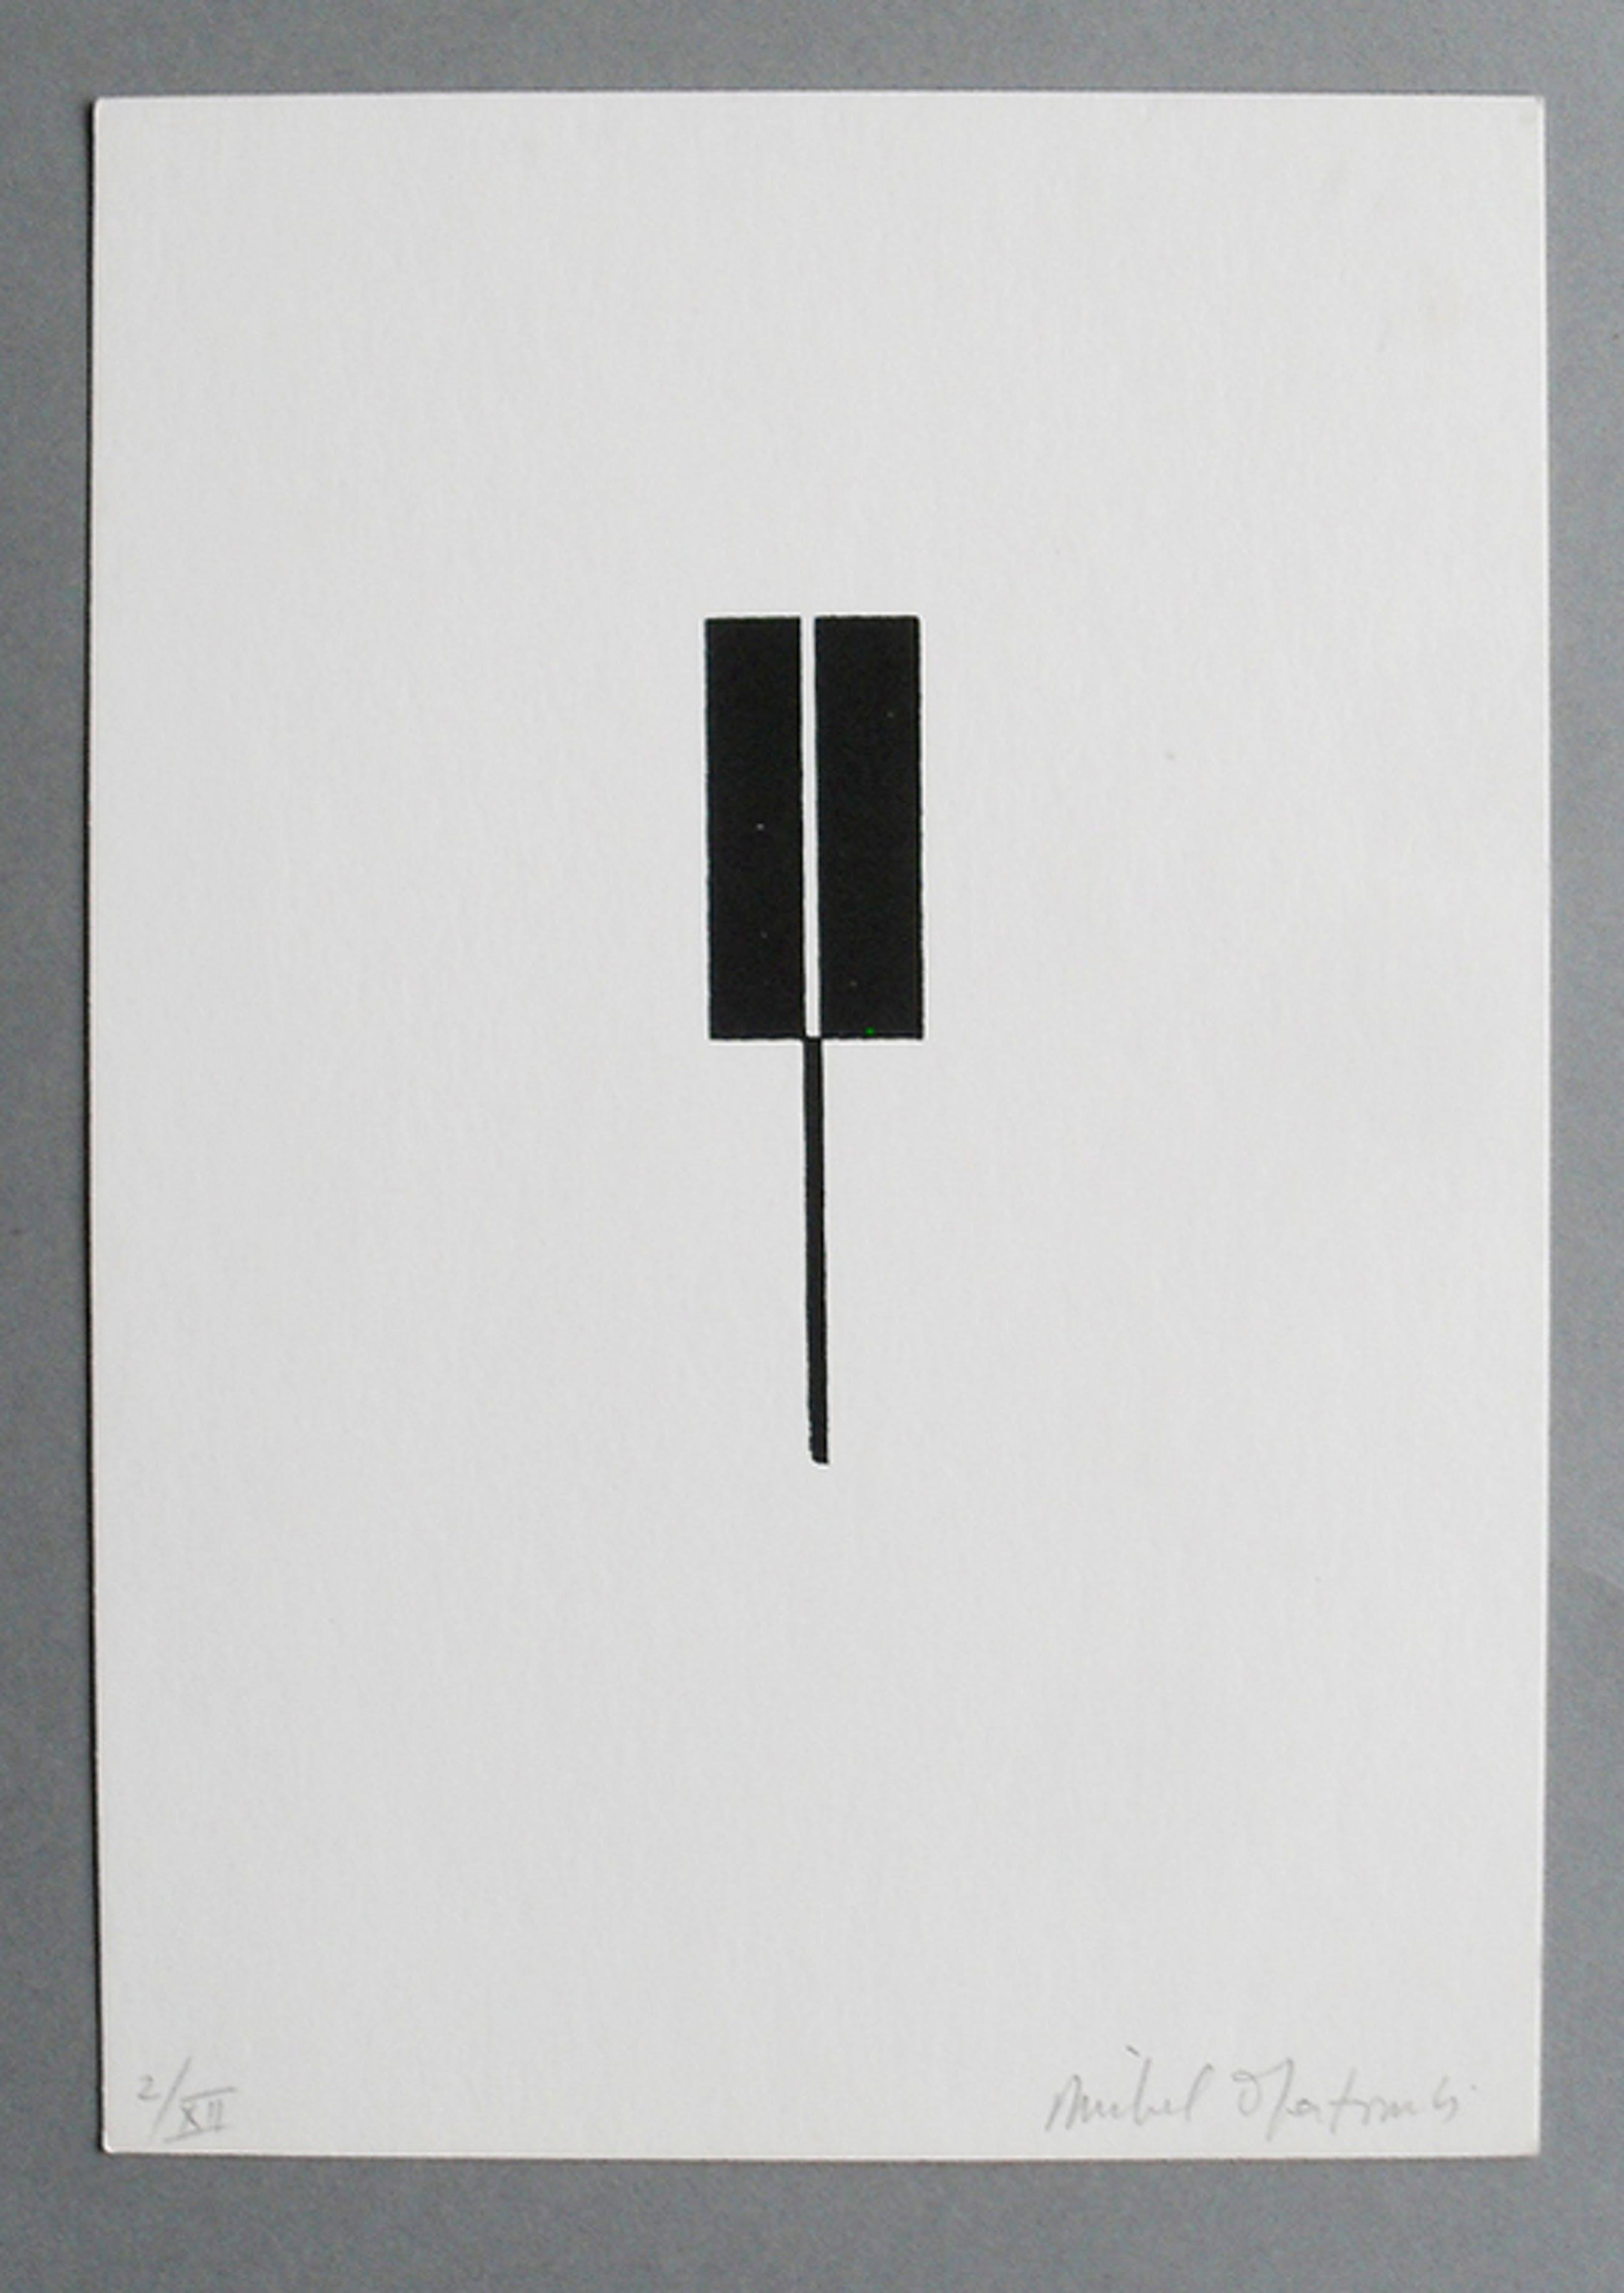 Michel Opatowski - Komposition - handgesigneerd en genummerd kopen? Bied vanaf 1!